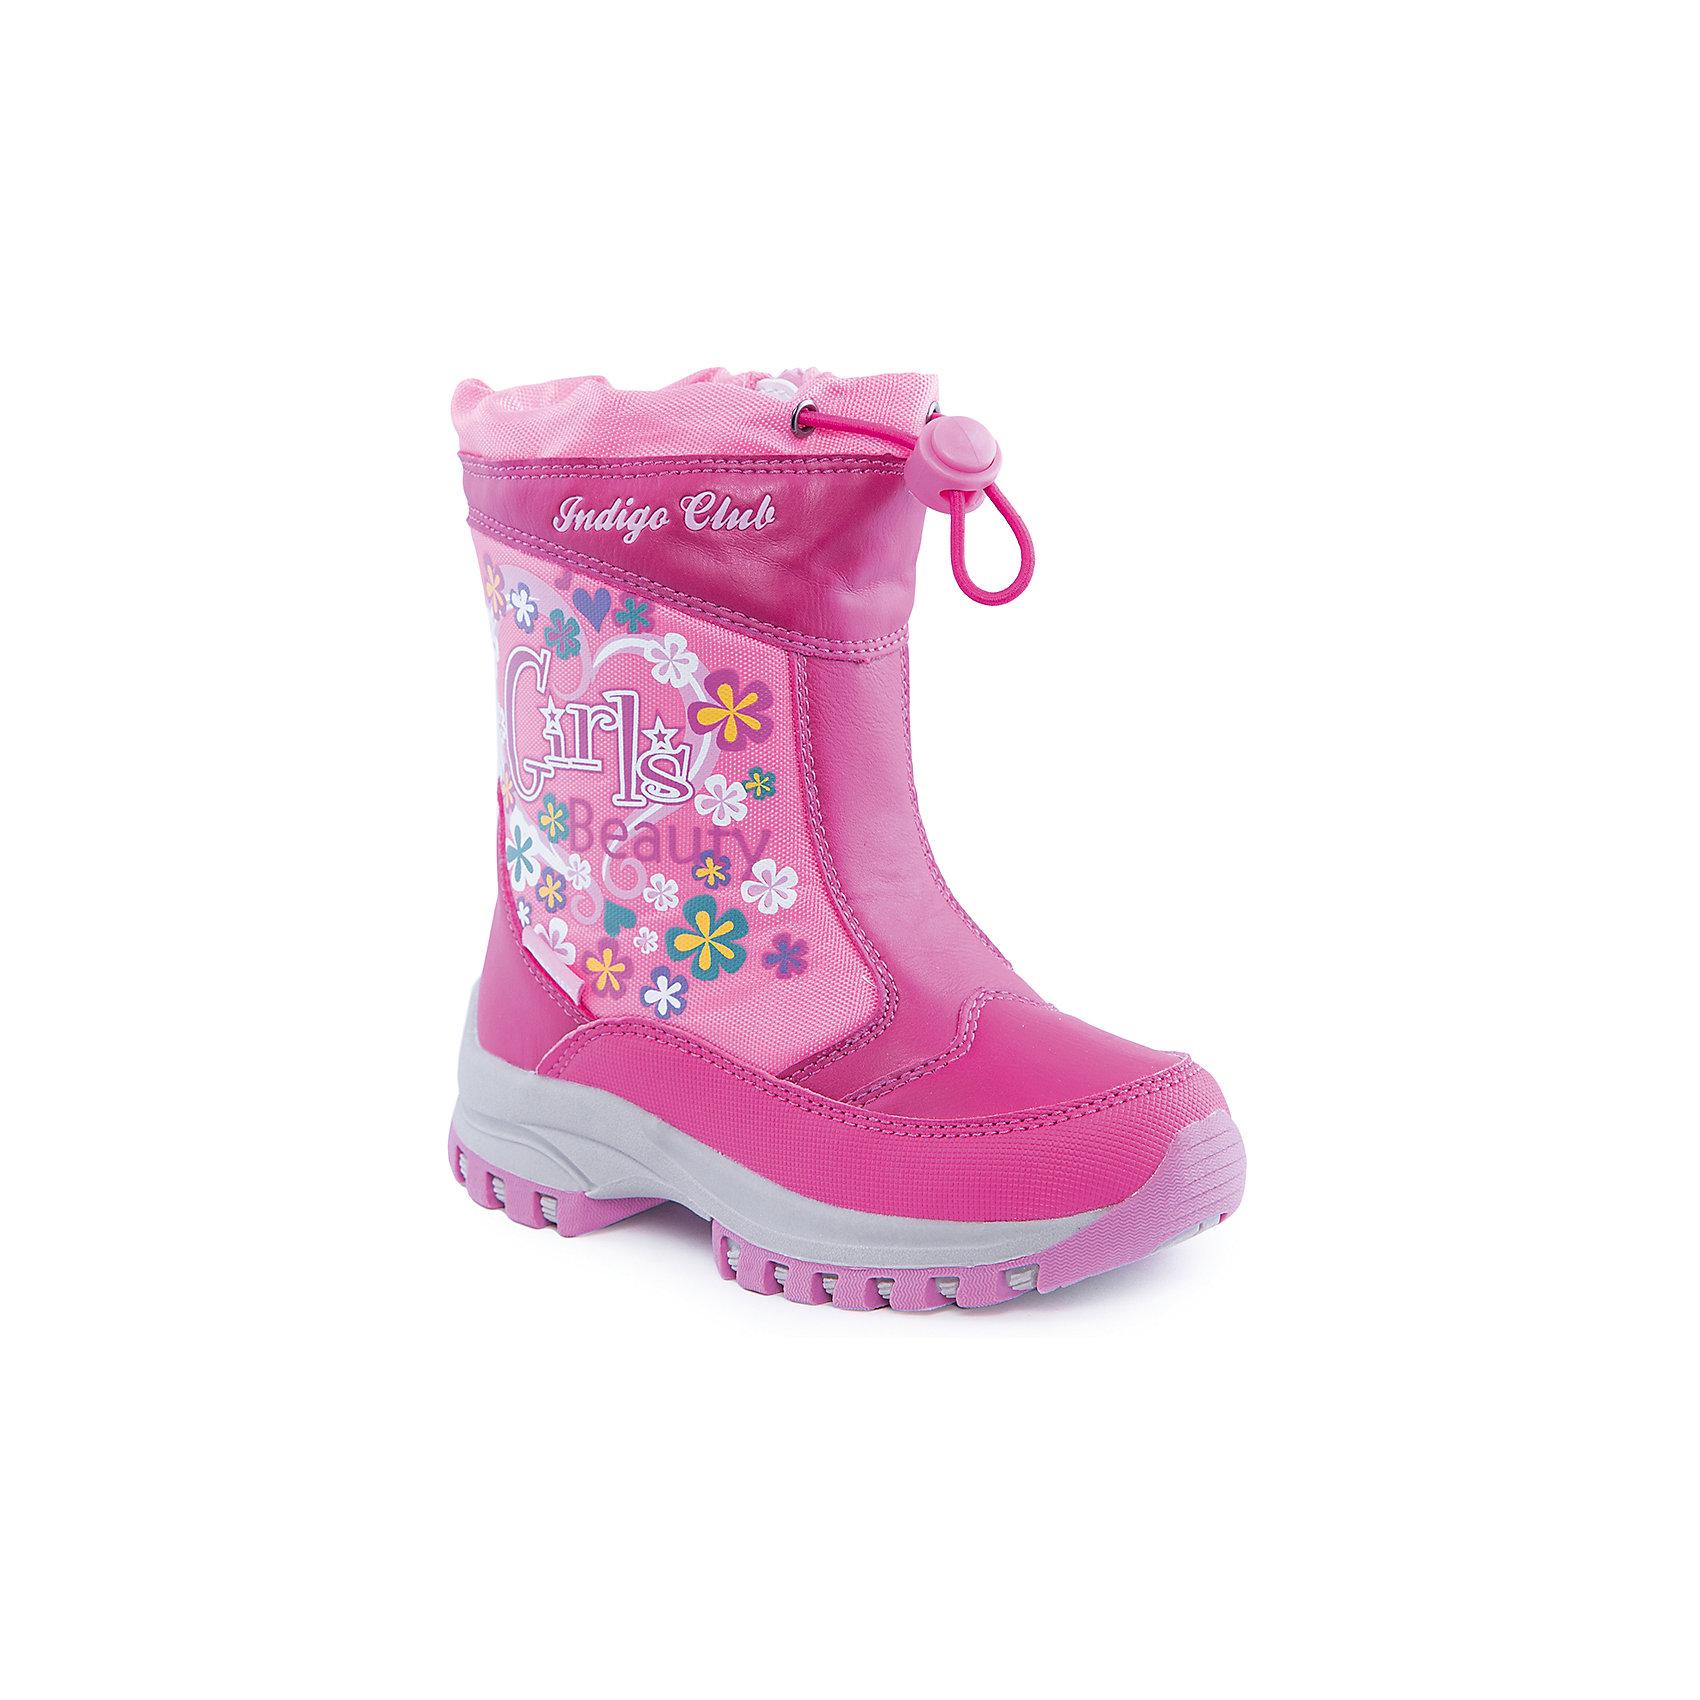 Сапоги для девочки Indigo kidsСапоги для девочки от известного  бренда Indigo kids<br><br>Розовые сапоги с принтом помогут защитить ноги от сырости и холода. Они легко надеваются, комфортно садятся по ноге. <br><br>Особенности модели:<br><br>- цвет - розовый;<br>- стильный дизайн;<br>- на голенище - принт с цветами и надписью;<br>- удобная колодка;<br>- подкладка шерстяная;<br>- наверху - утяжка со стоппером;<br>- устойчивая подошва;<br>- застежка - молния.<br><br>Дополнительная информация:<br><br>Температурный режим:<br>от -15° С до +5° С<br><br>Состав:<br><br>верх – текстиль/искусственная кожа;<br>подкладка - шерсть;<br>подошва - полимер.<br><br>Сапоги для девочки Indigo kids (Индиго Кидс) можно купить в нашем магазине.<br><br>Ширина мм: 257<br>Глубина мм: 180<br>Высота мм: 130<br>Вес г: 420<br>Цвет: розовый<br>Возраст от месяцев: 84<br>Возраст до месяцев: 96<br>Пол: Женский<br>Возраст: Детский<br>Размер: 31,26,27,28,29,30<br>SKU: 4340559